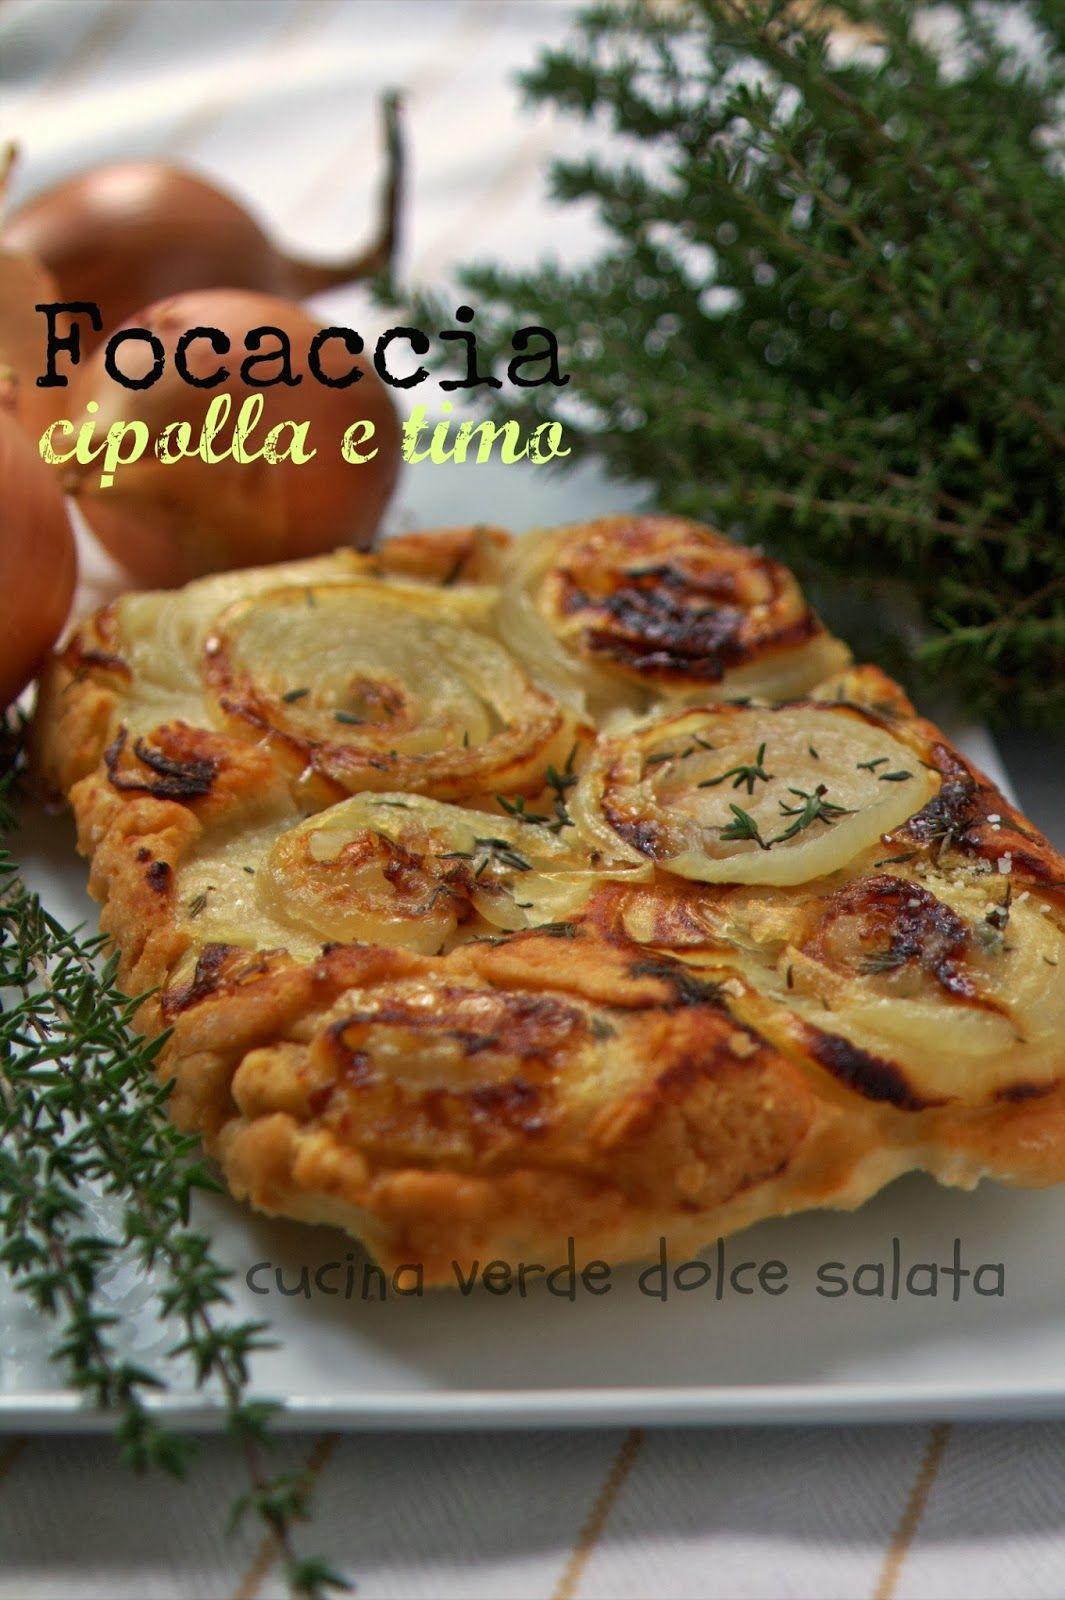 Focaccia di cipolle e timo | Cucina veg | Pinterest | Focaccia ...